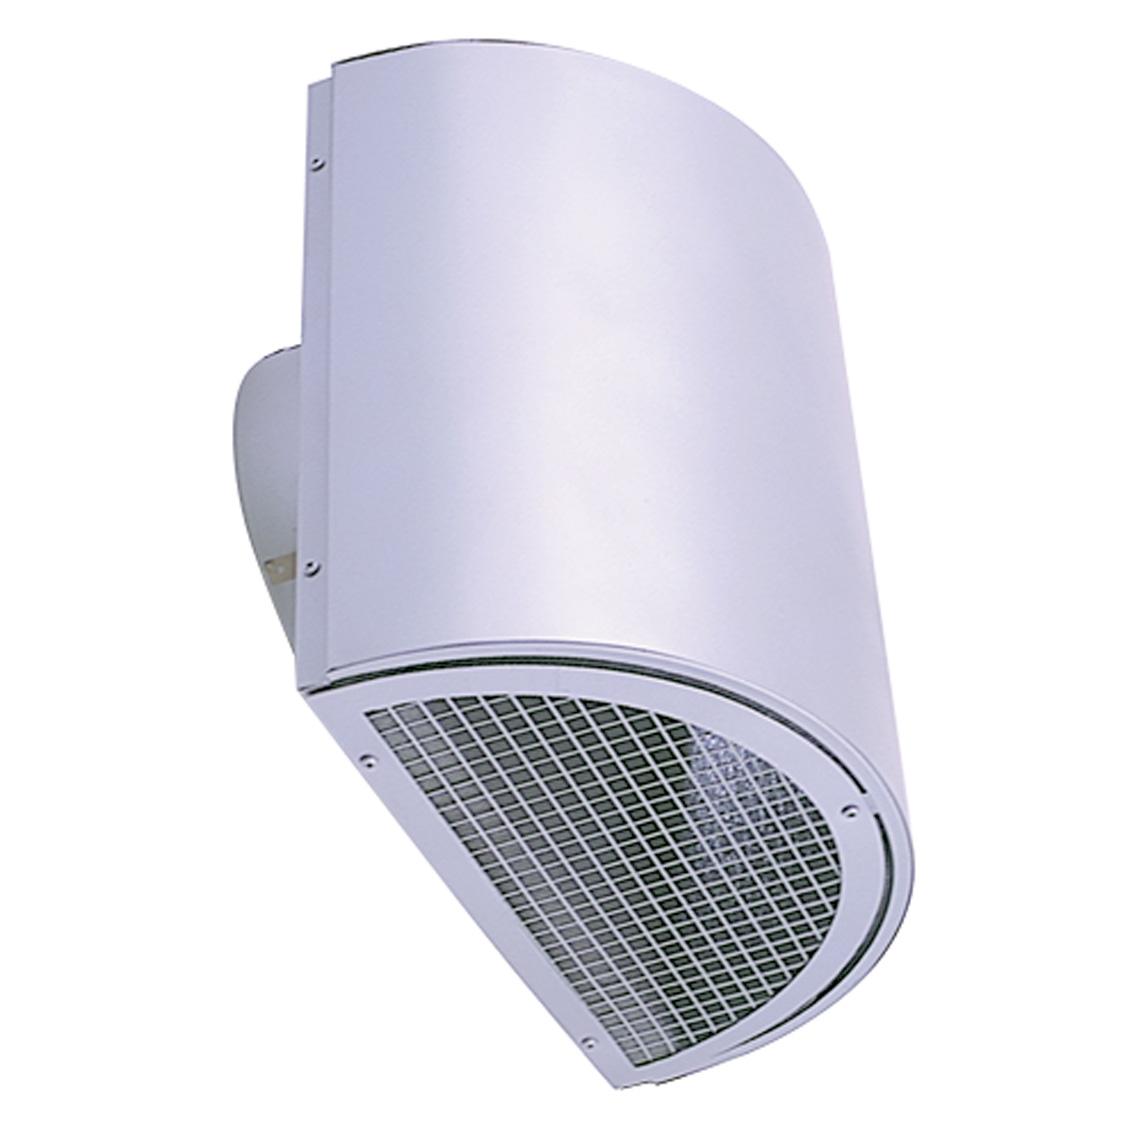 西邦工業 SEIHO NFN175BS NFN175BS 受注生産 受注生産 防音型製品(ステンレス製換気口) 金網型3メッシュ 防音タイプ 防音タイプ, Lachic:821582e1 --- sunward.msk.ru